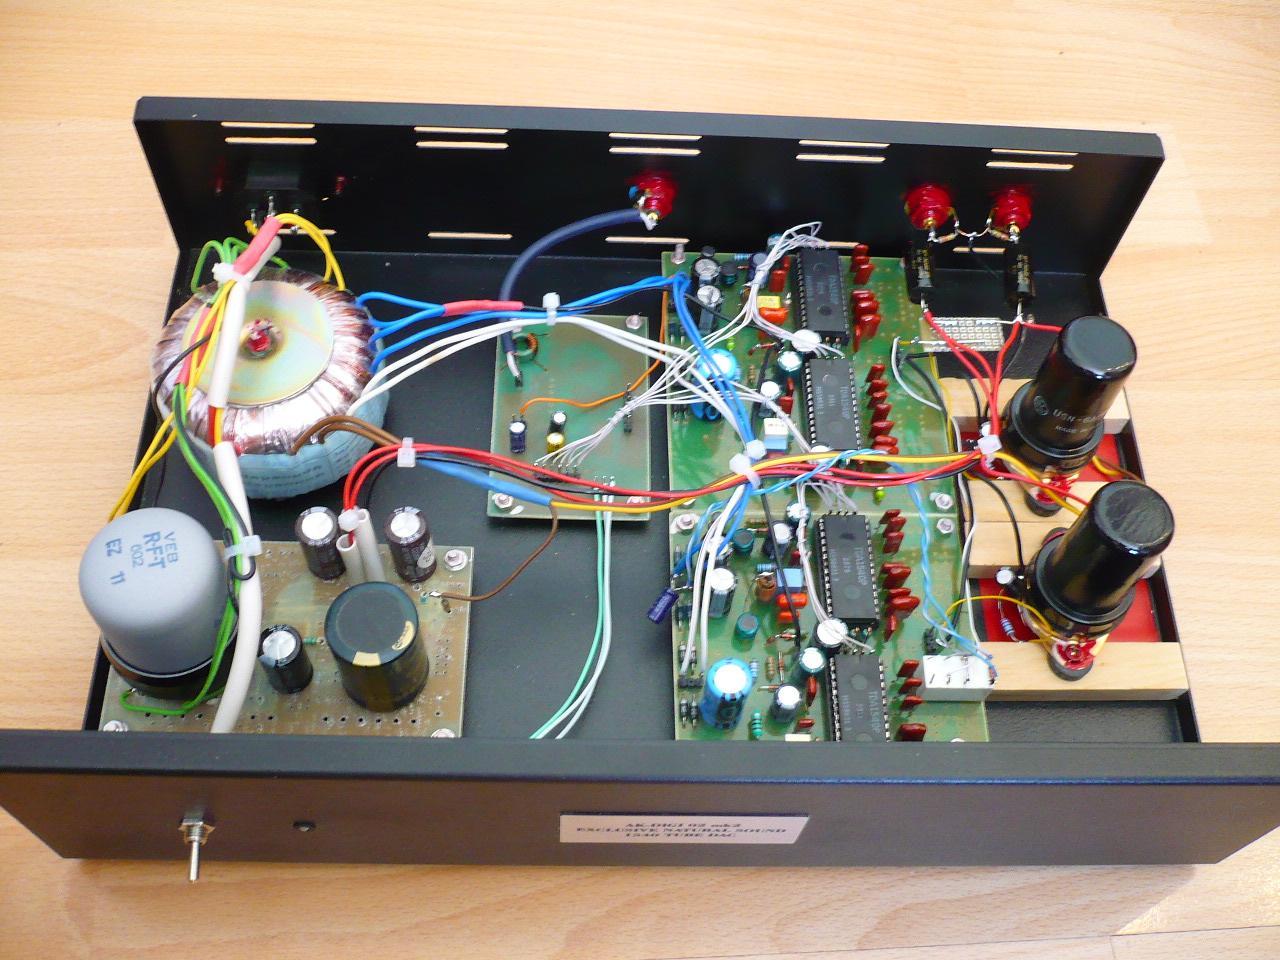 Reproductor cd con válvulas - Página 3 33avsd2